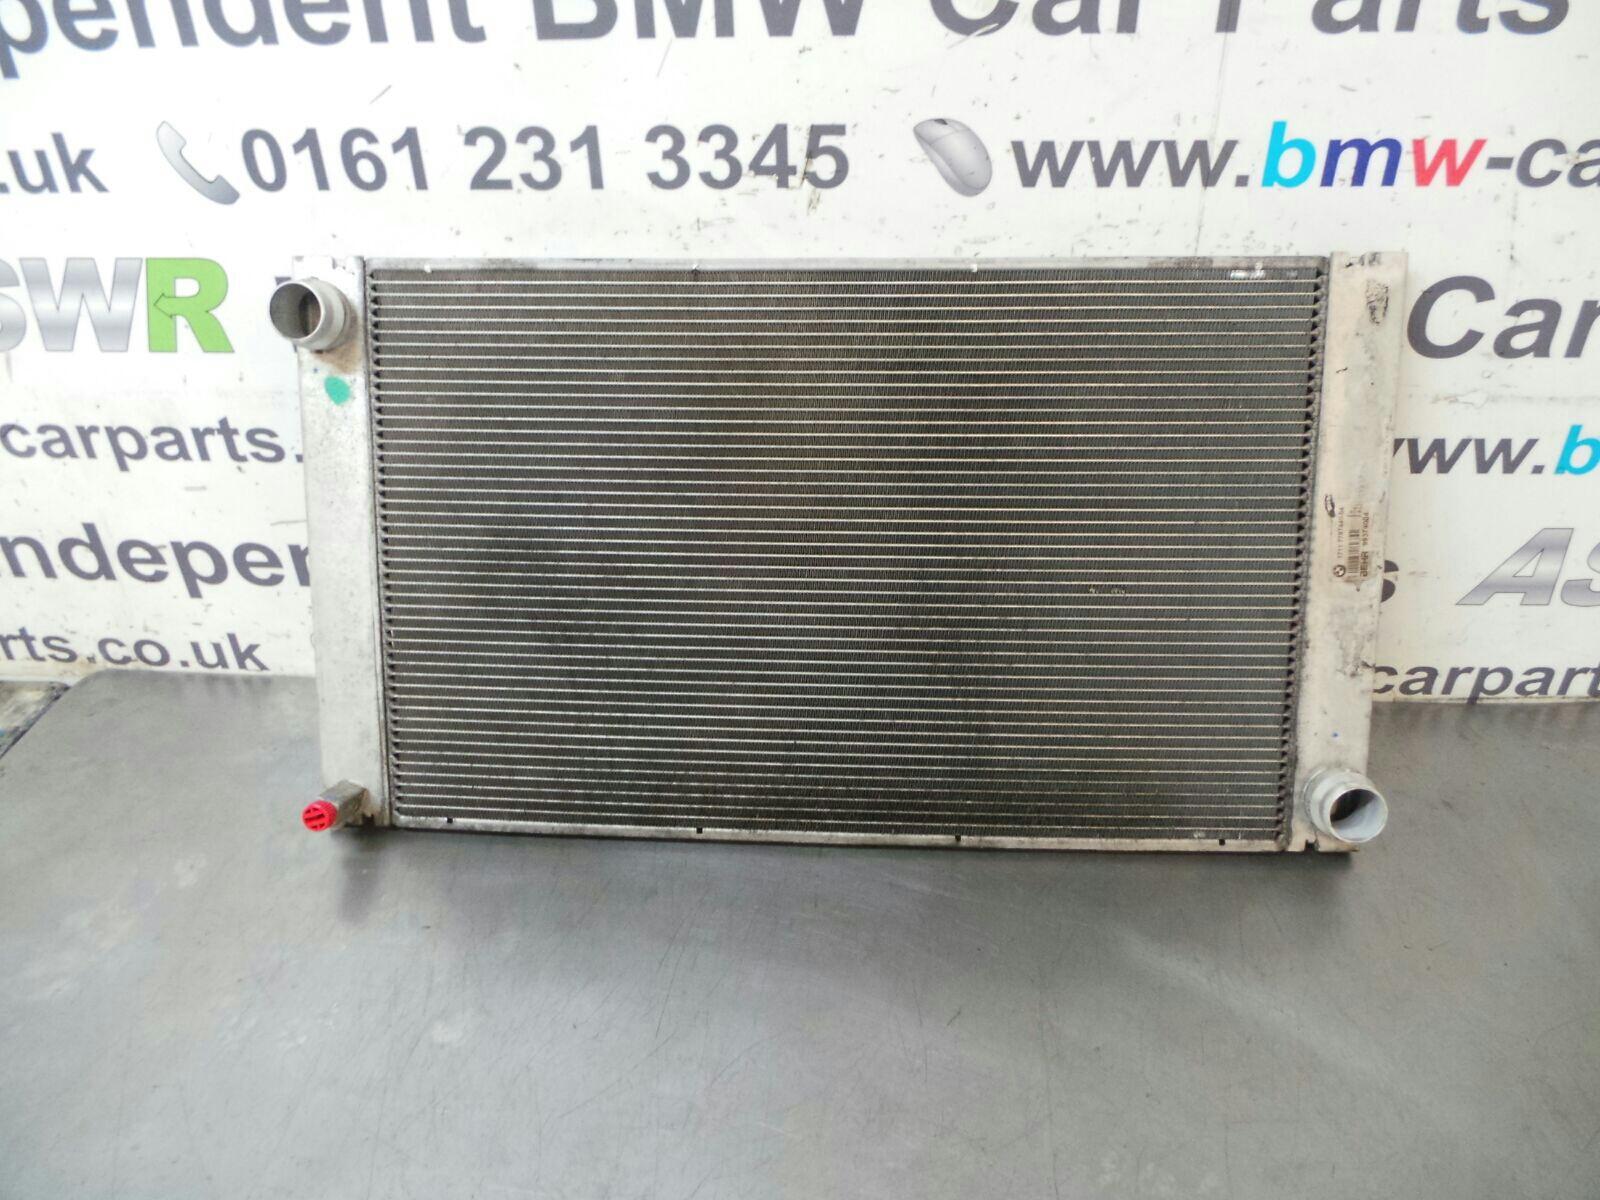 BMW E60 E61 5 SERIES Radiator 17117787440